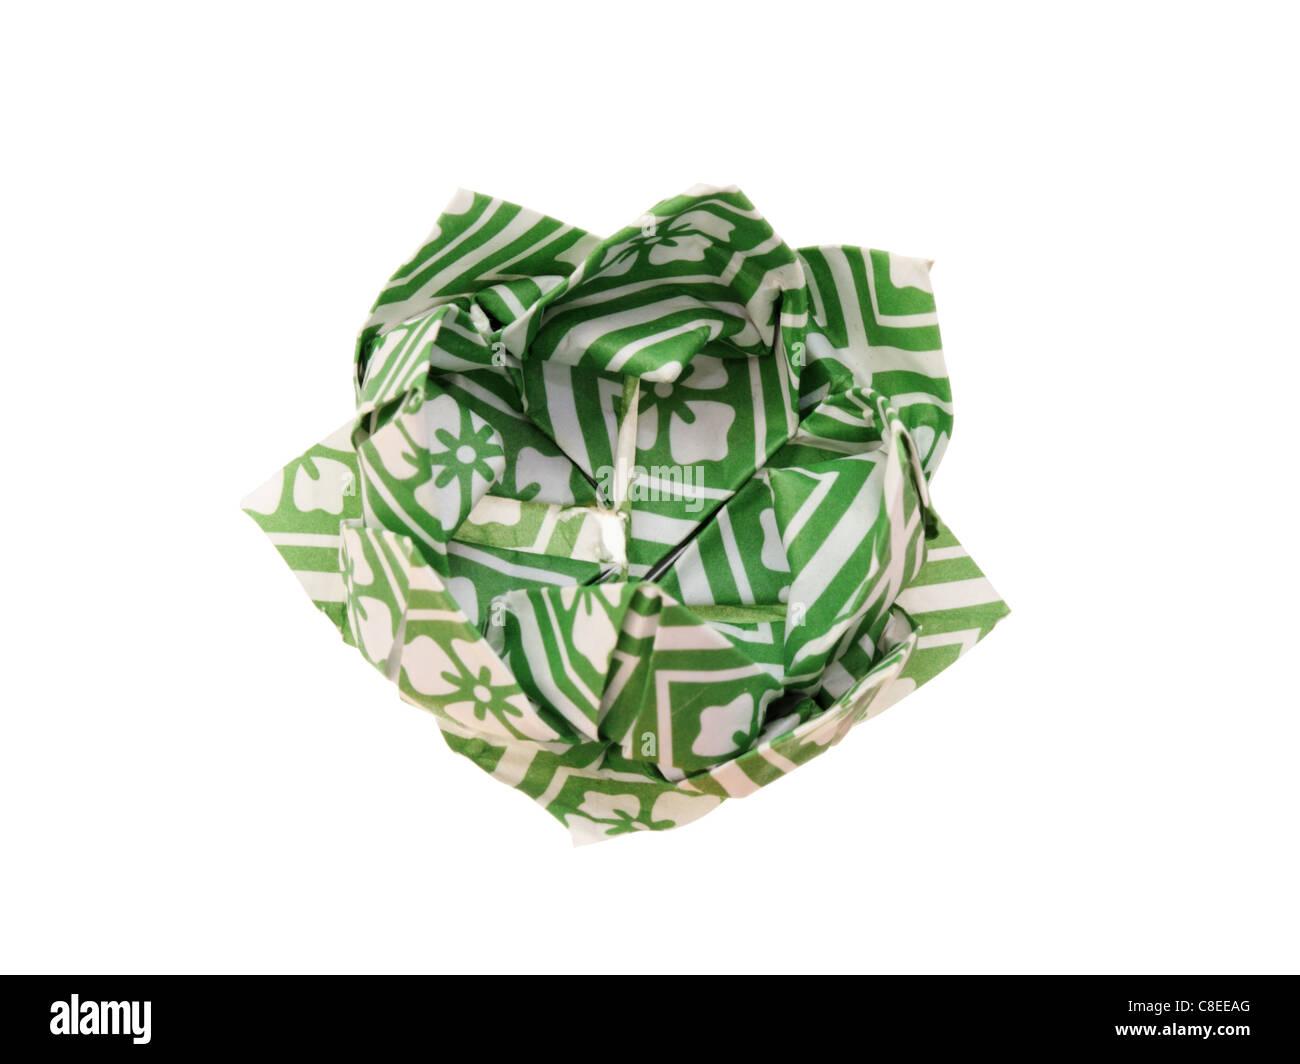 Origami Lotusblüte hergestellt aus grünem und weißem gemustertes Papier isoliert auf weiss Stockbild